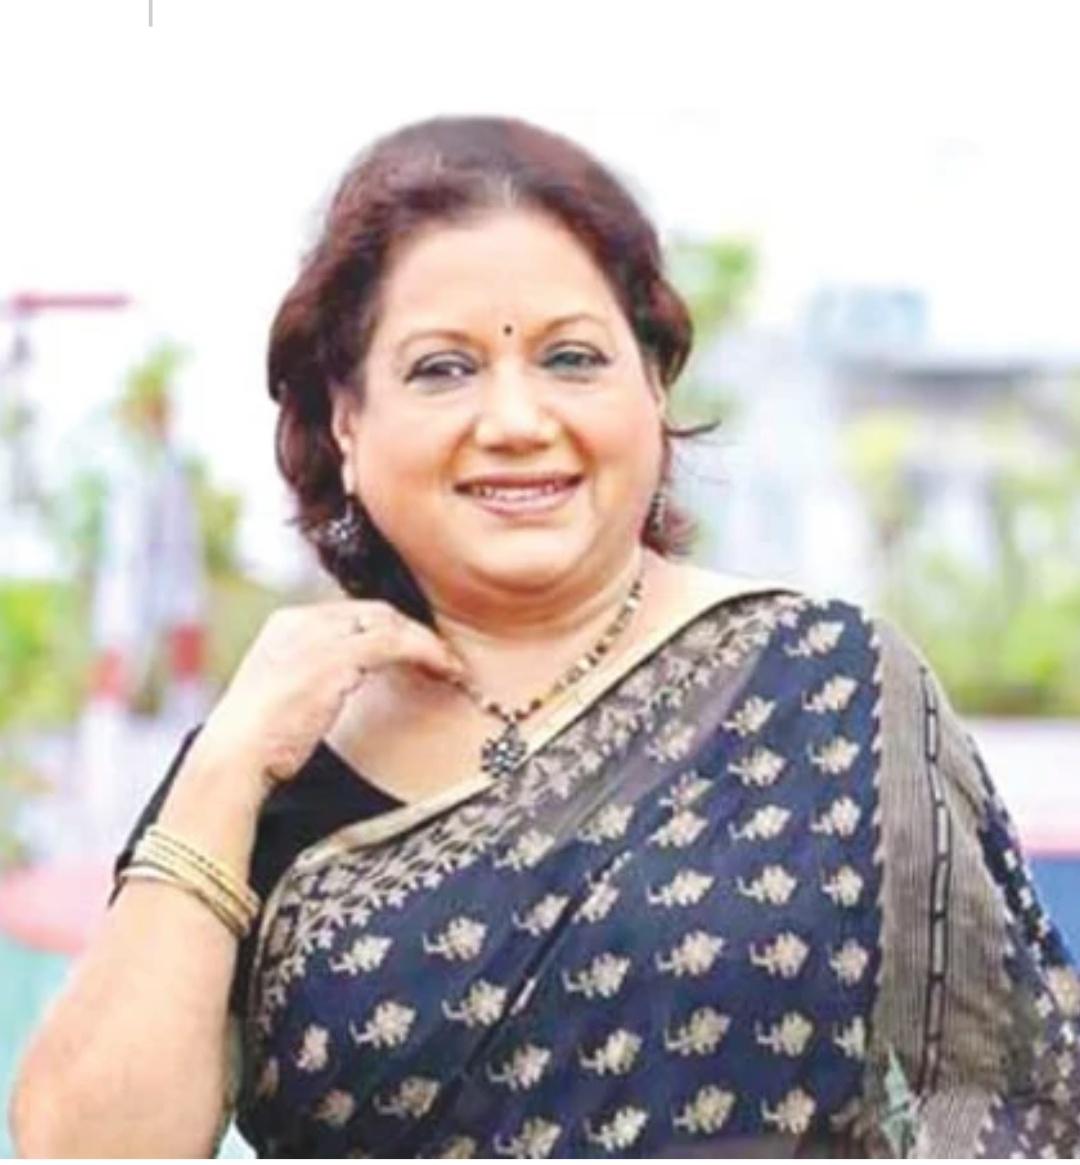 চলচ্চিত্রের কিংবদন্তি অভিনয়শিল্পী ও সাবেক সংসদ সদস্য সারাহ বেগম কবরী আর নেই